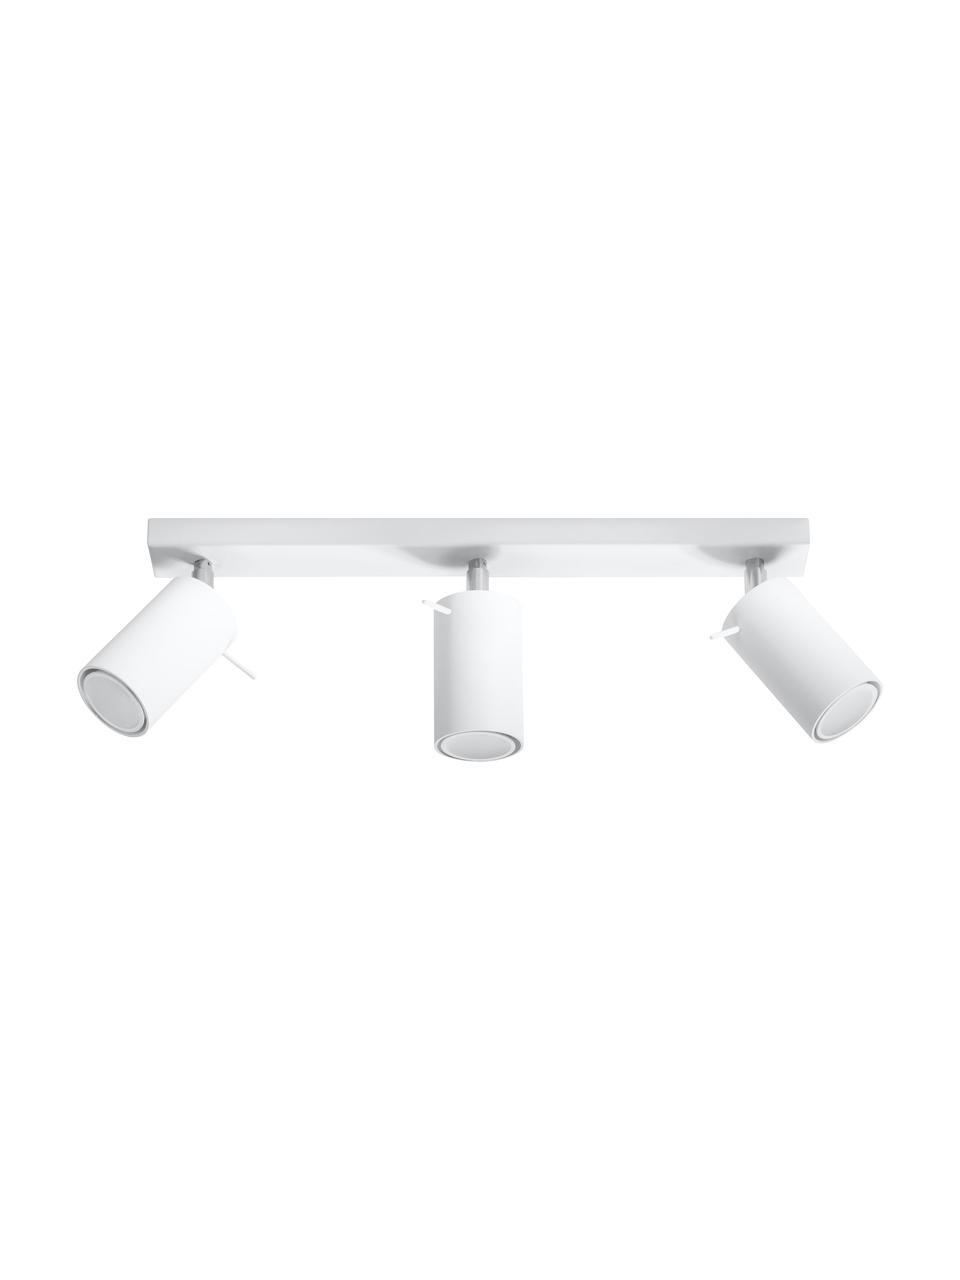 Deckenstrahler Etna in Weiß, Baldachin: Stahl, lackiert, Weiß, 45 x 15 cm